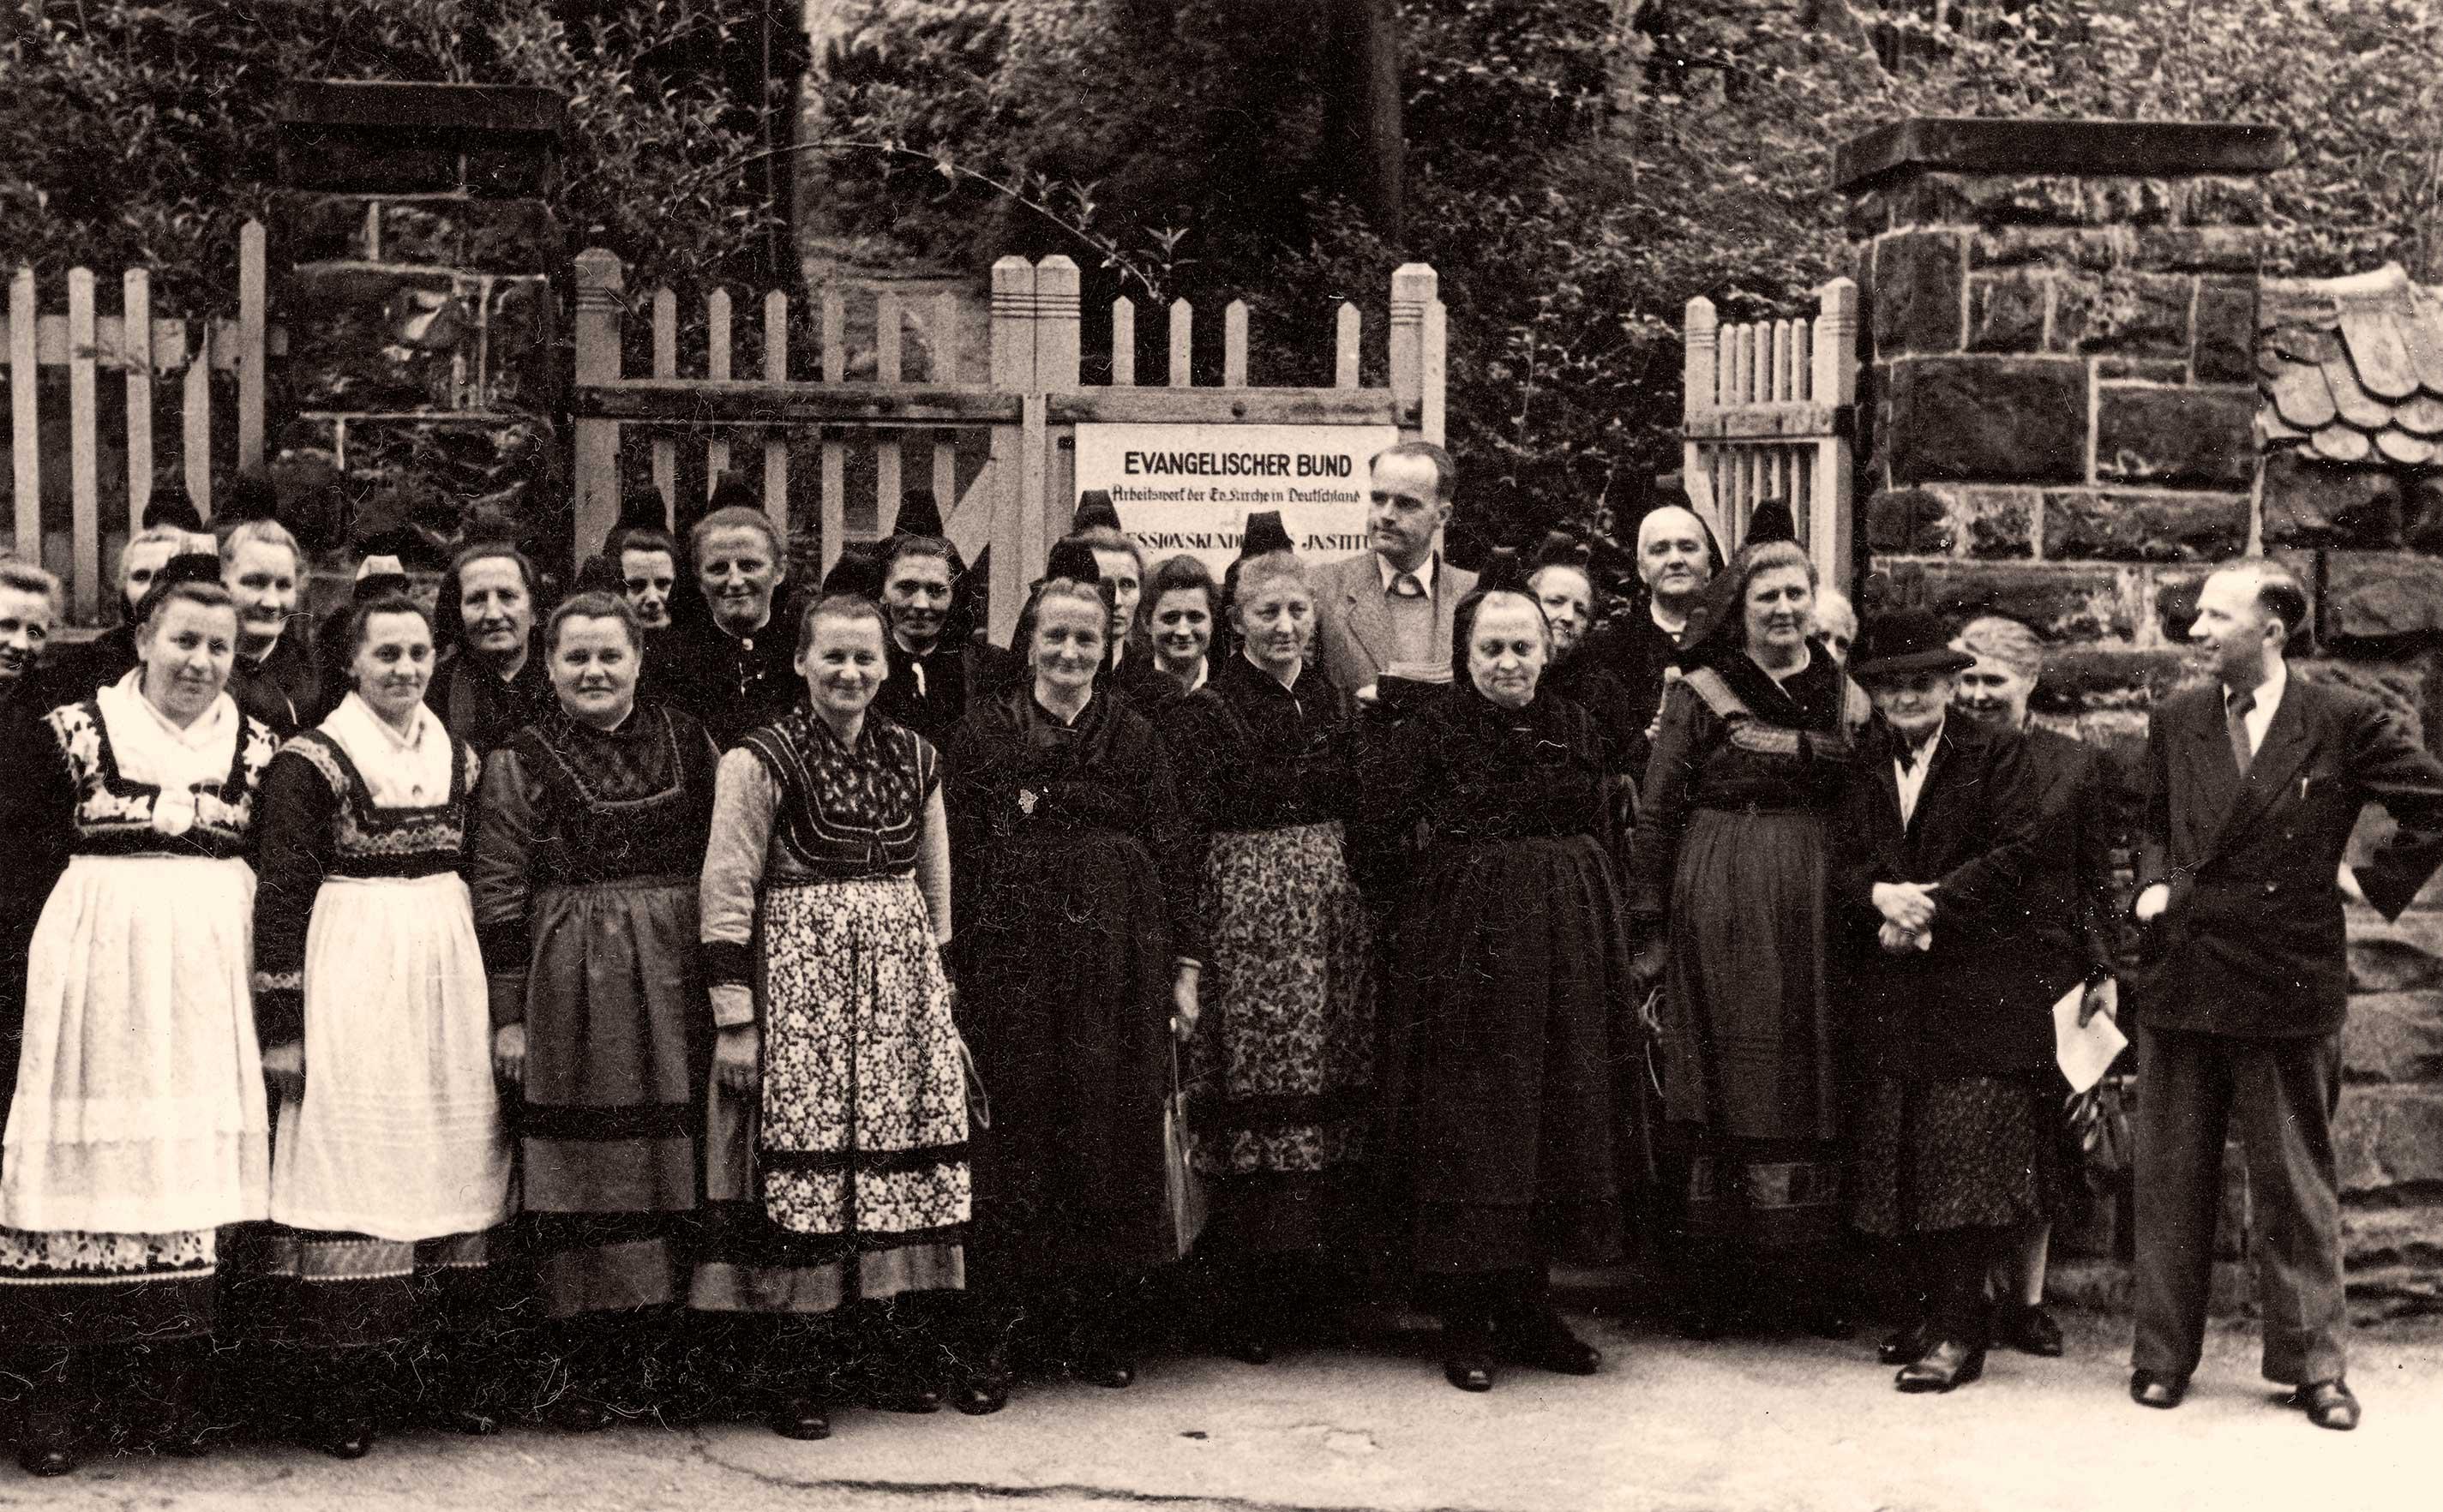 Evangelischer Bund